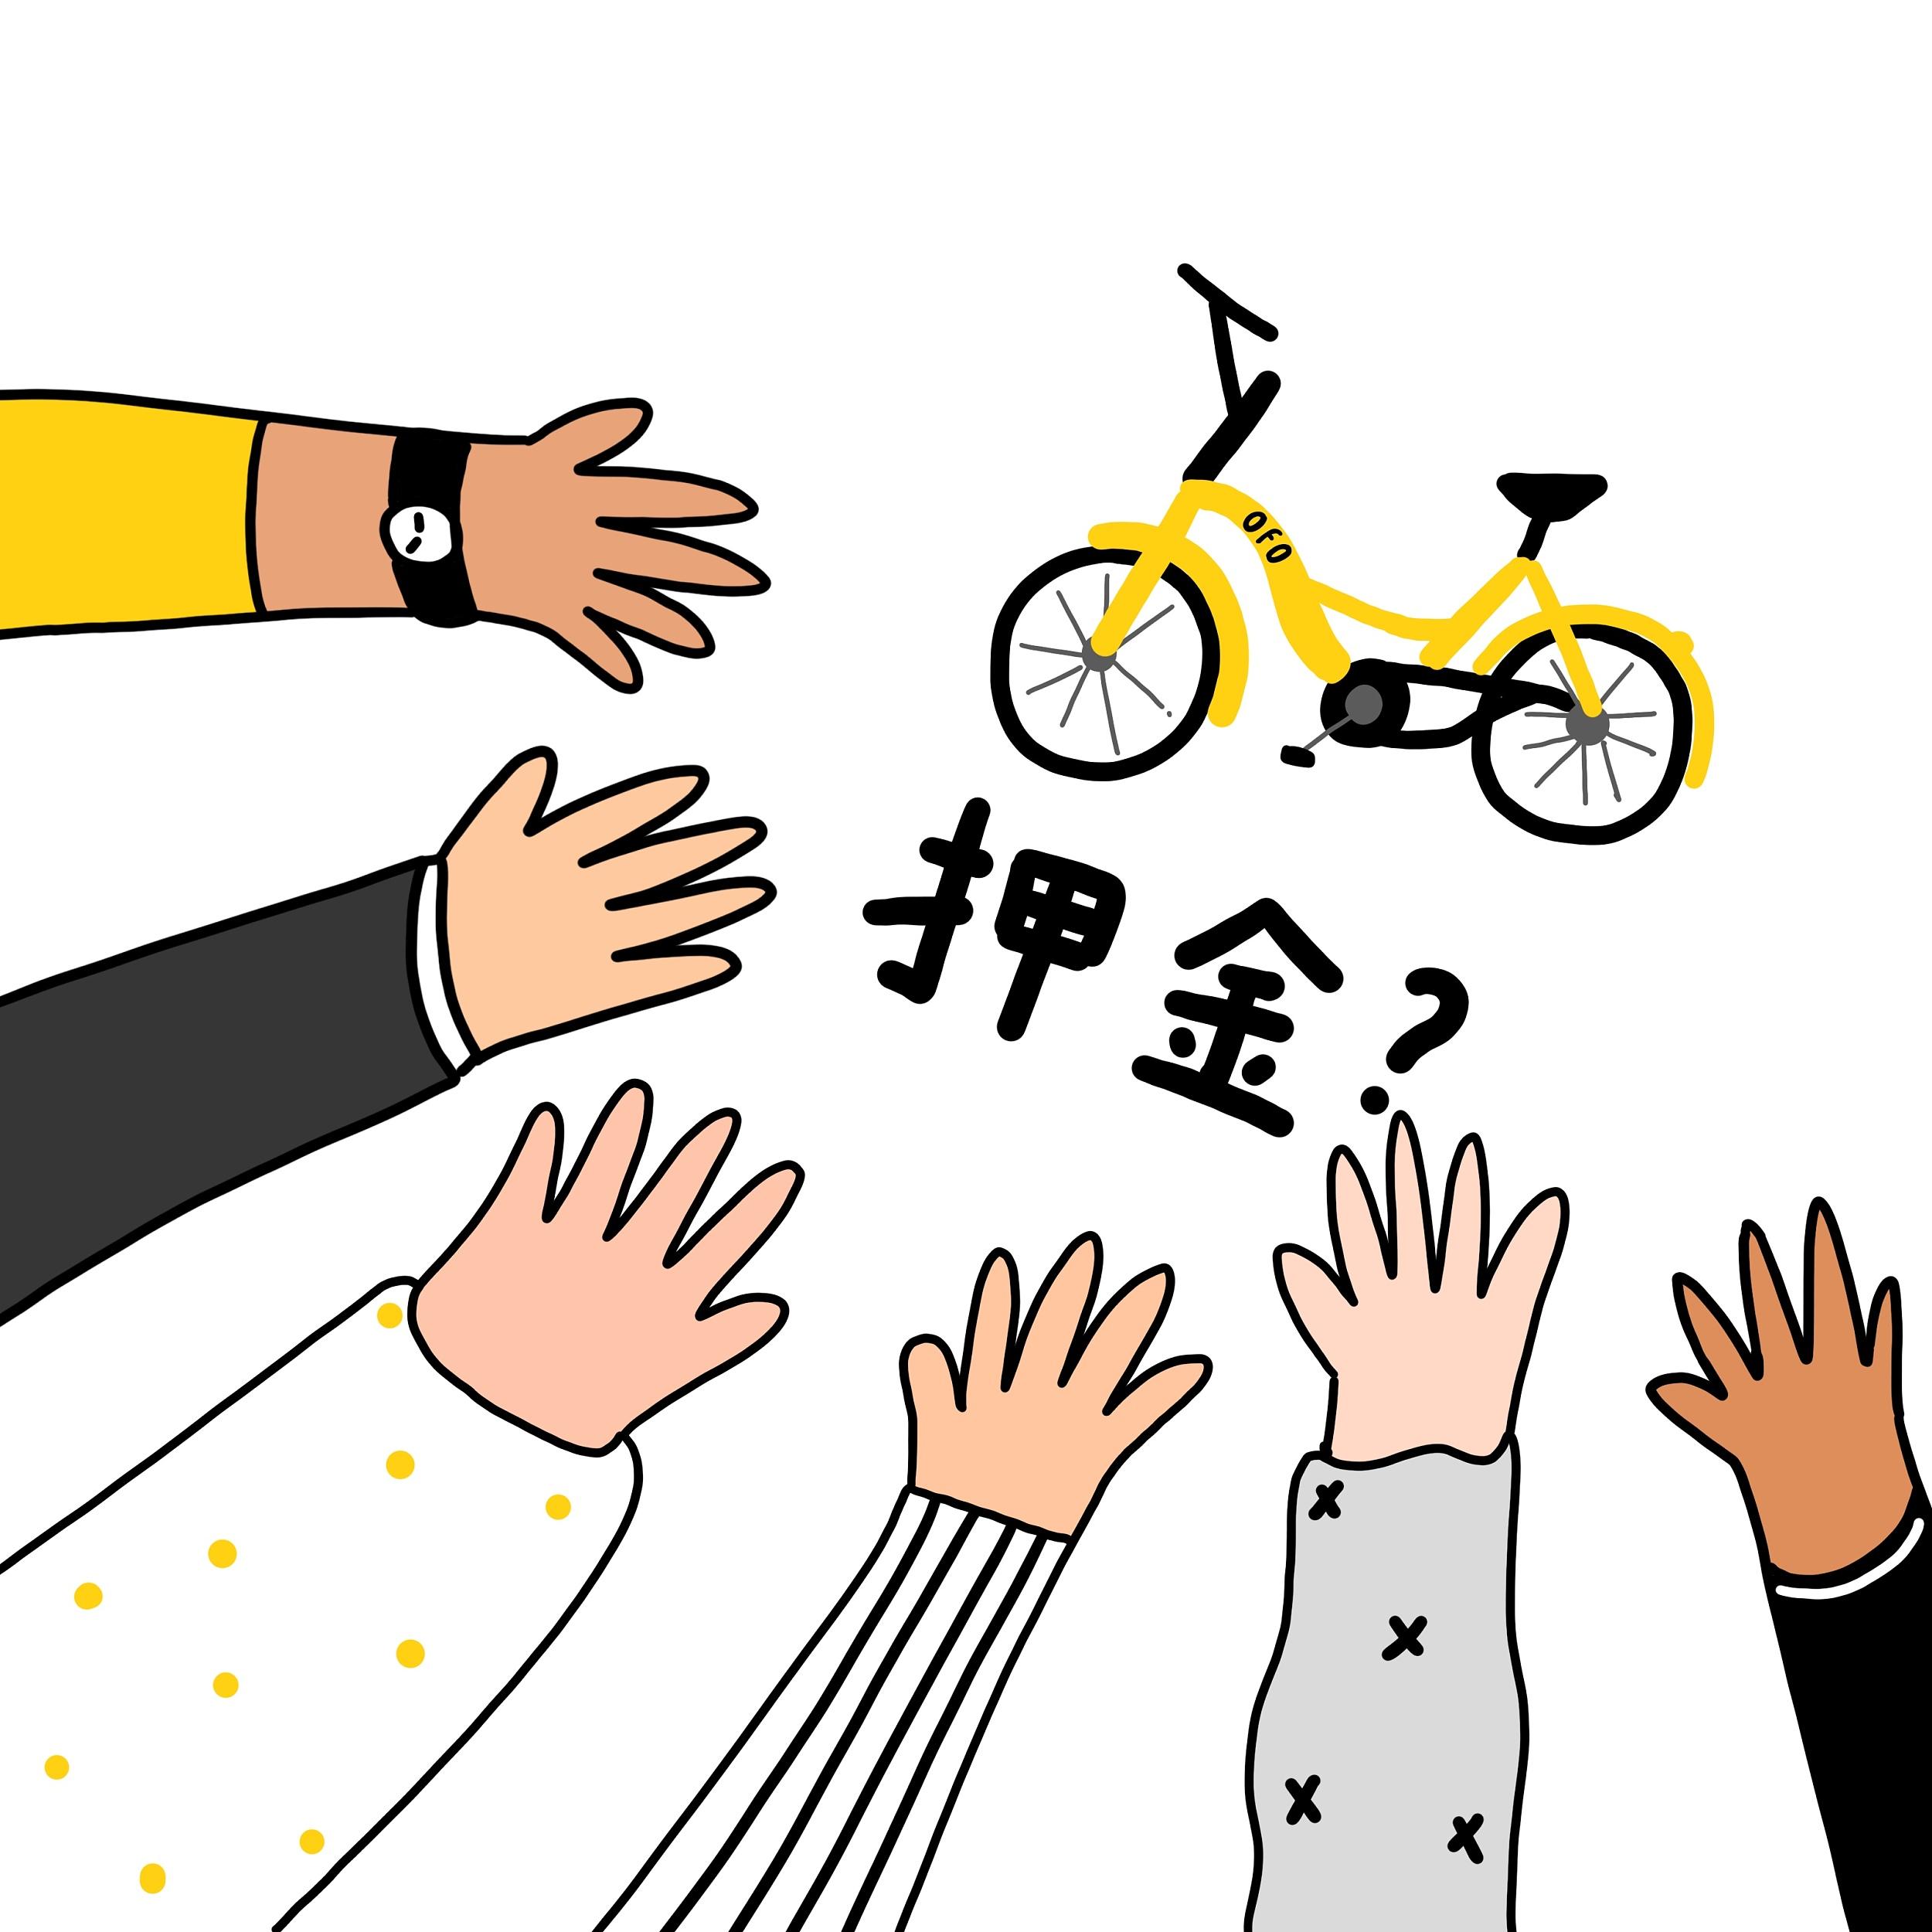 """[转载]闪退""""外国人""""押金:ofo将消费者区别对待想干嘛"""